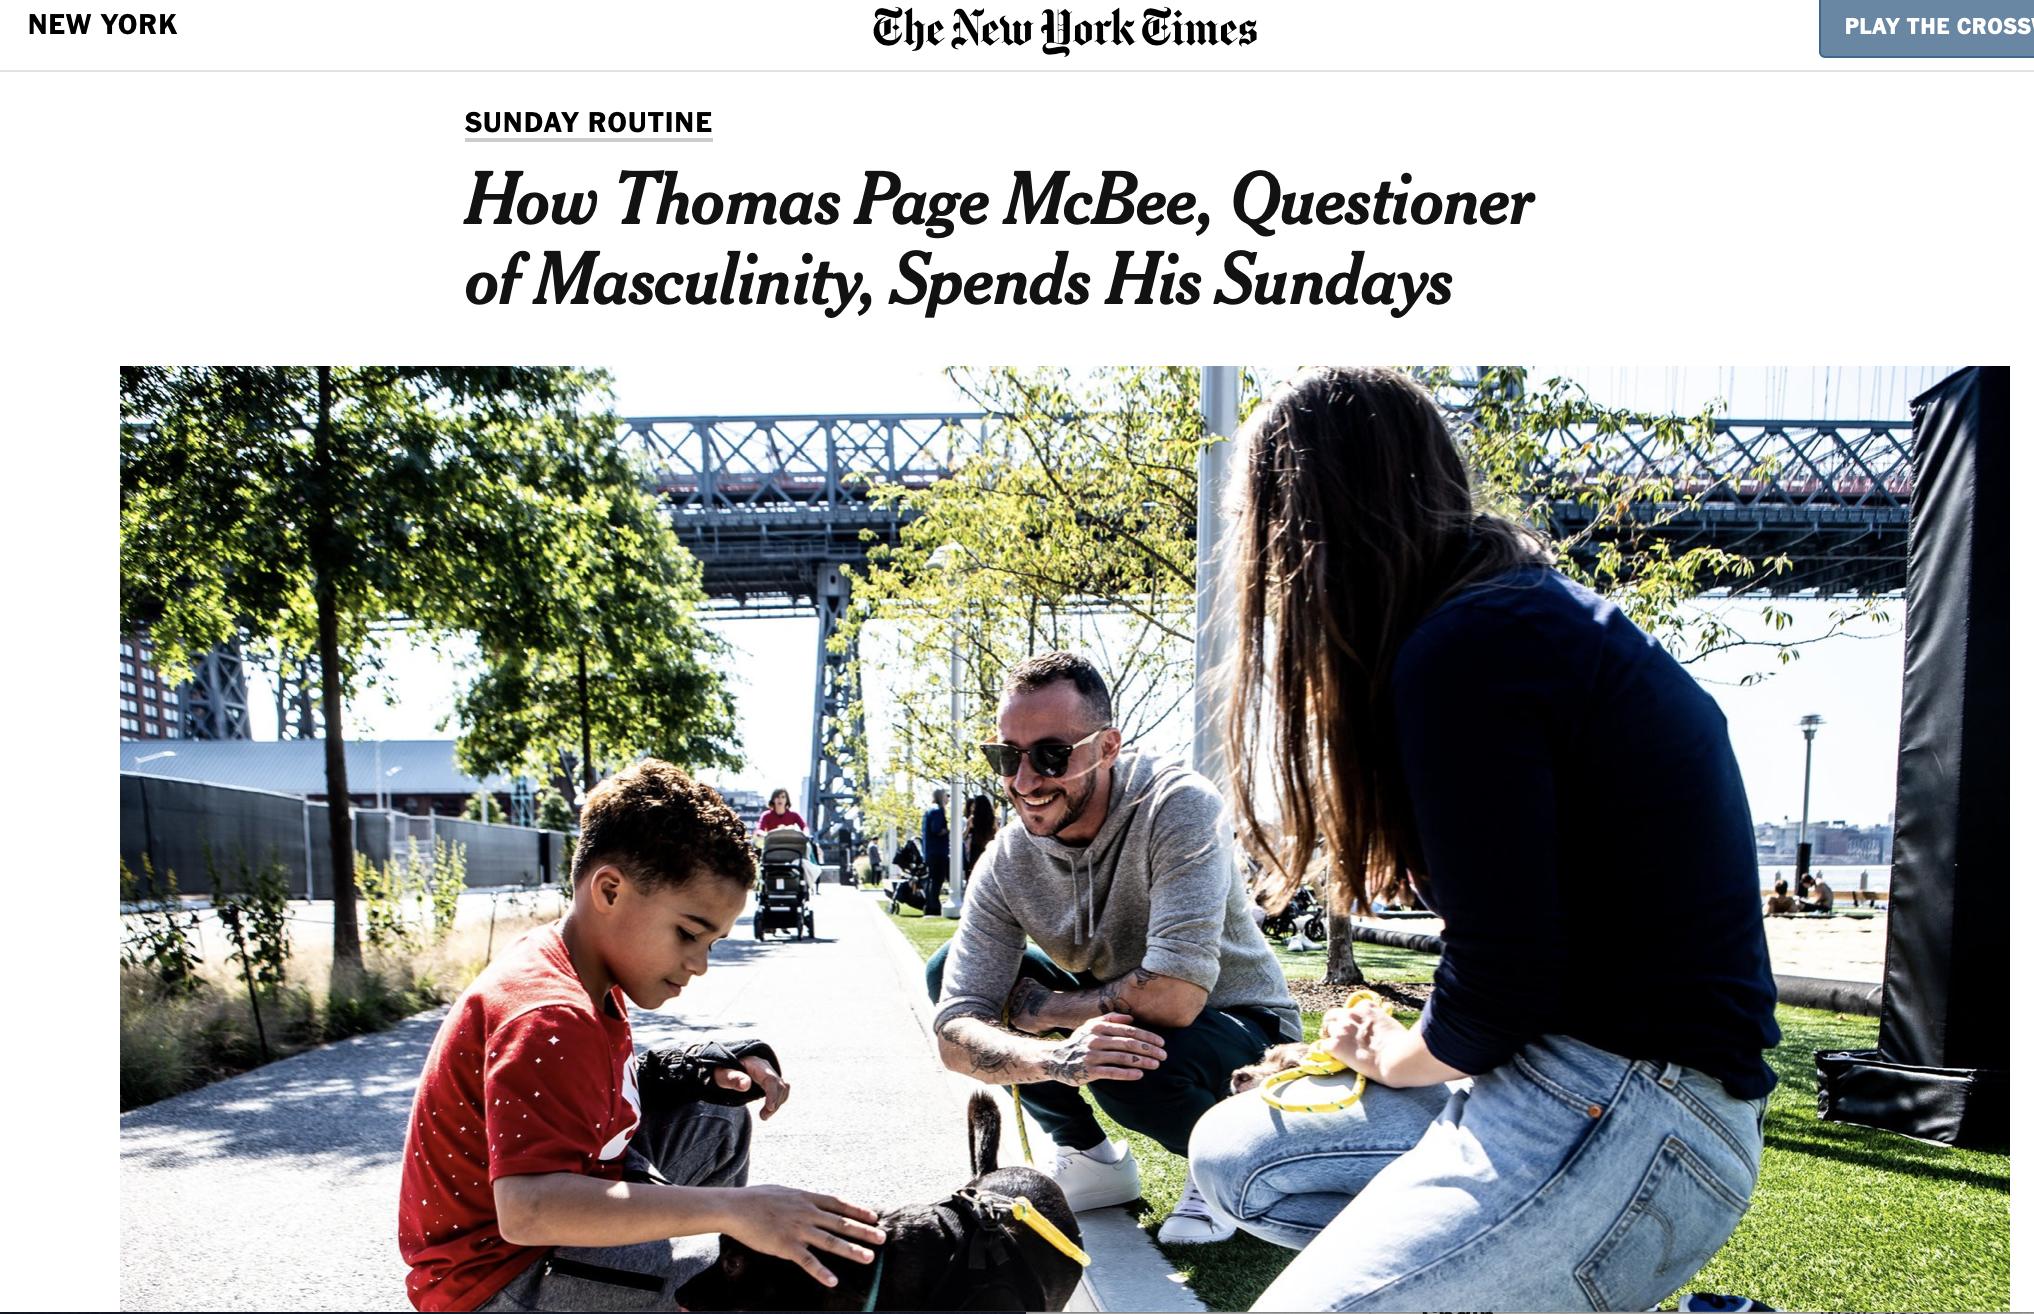 NYT's Sunday Routine